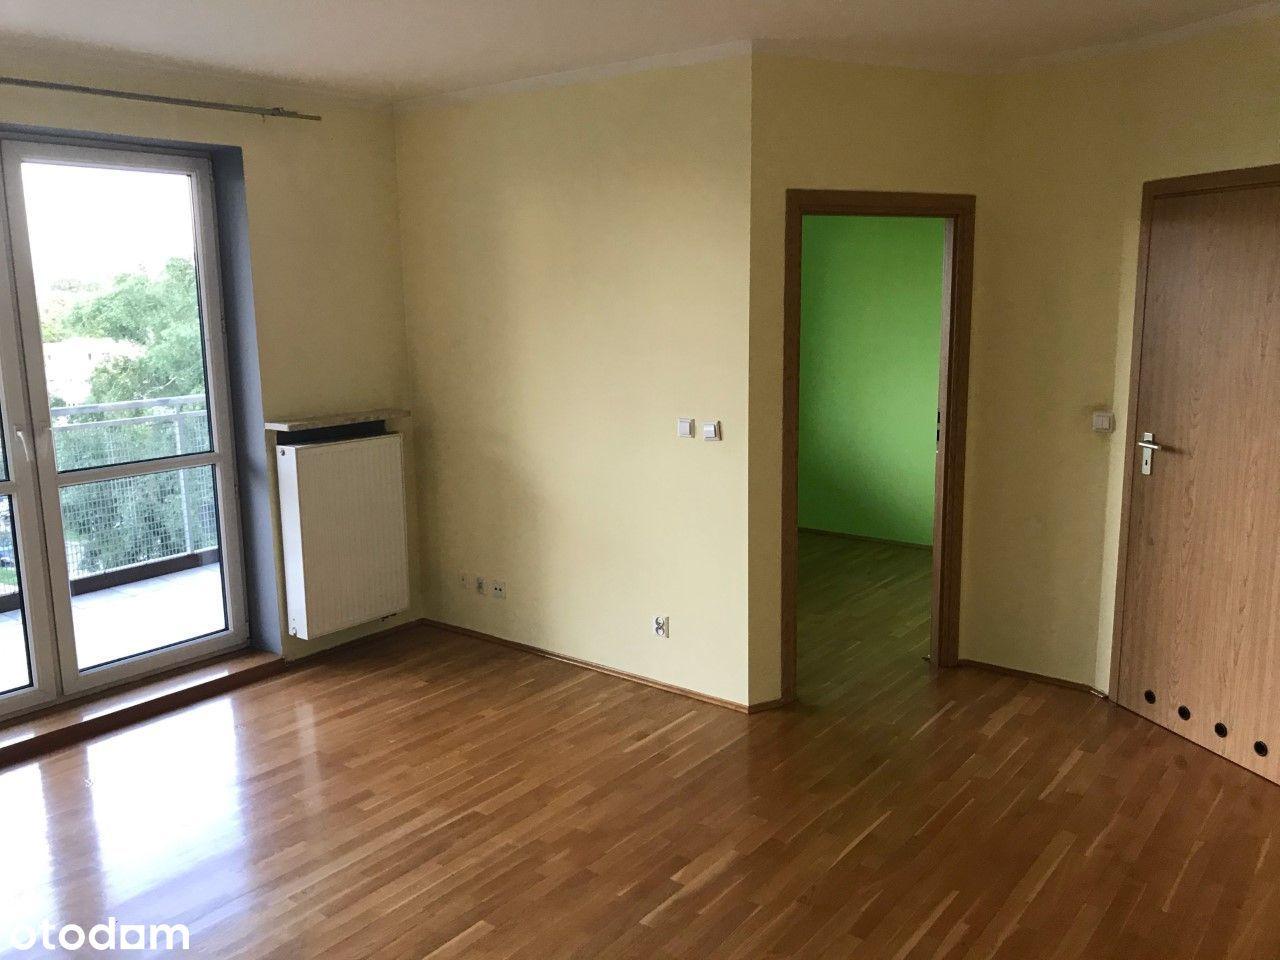 Wynajmę mieszkanie 44 m2, 2 pokoje, ul. Kobielska